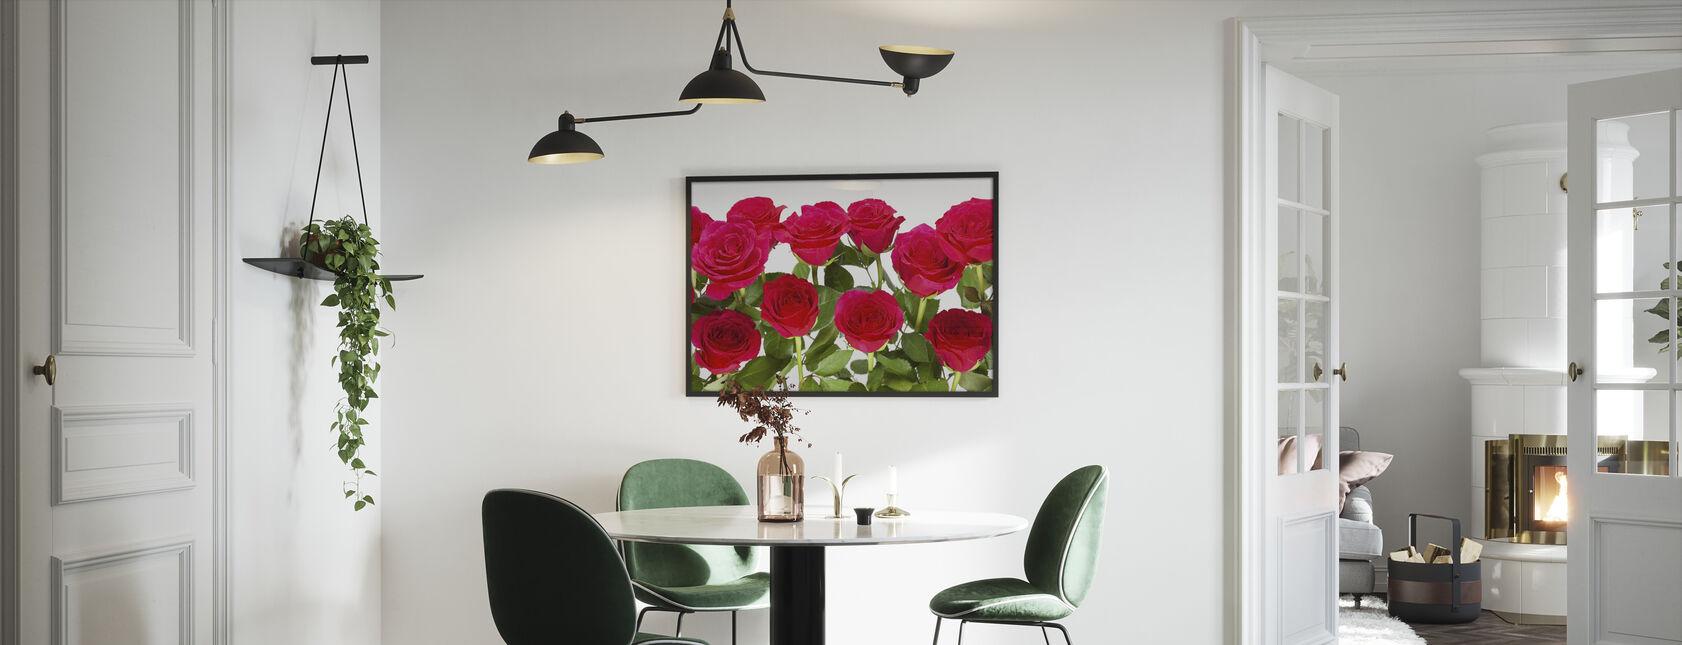 Roser og krysantemum - Innrammet bilde - Kjøkken